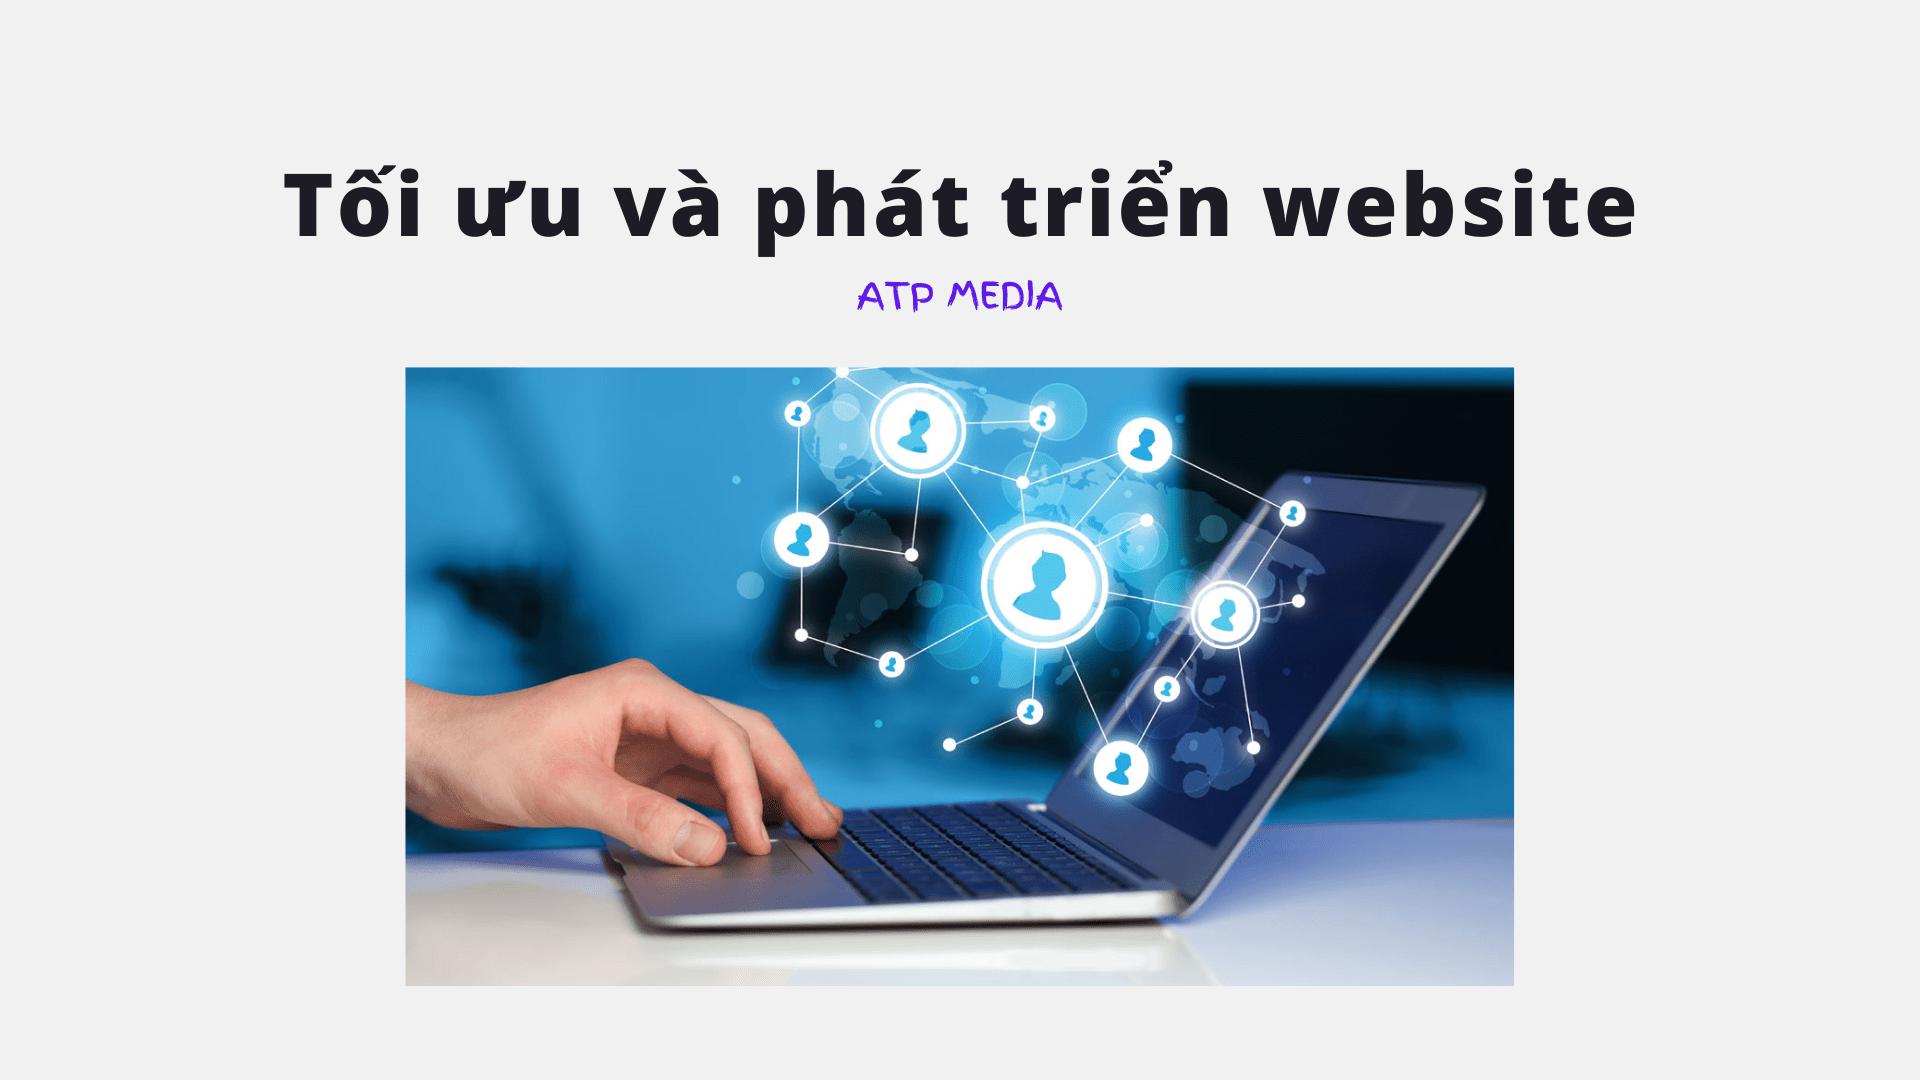 Tối ưu và phát triển website